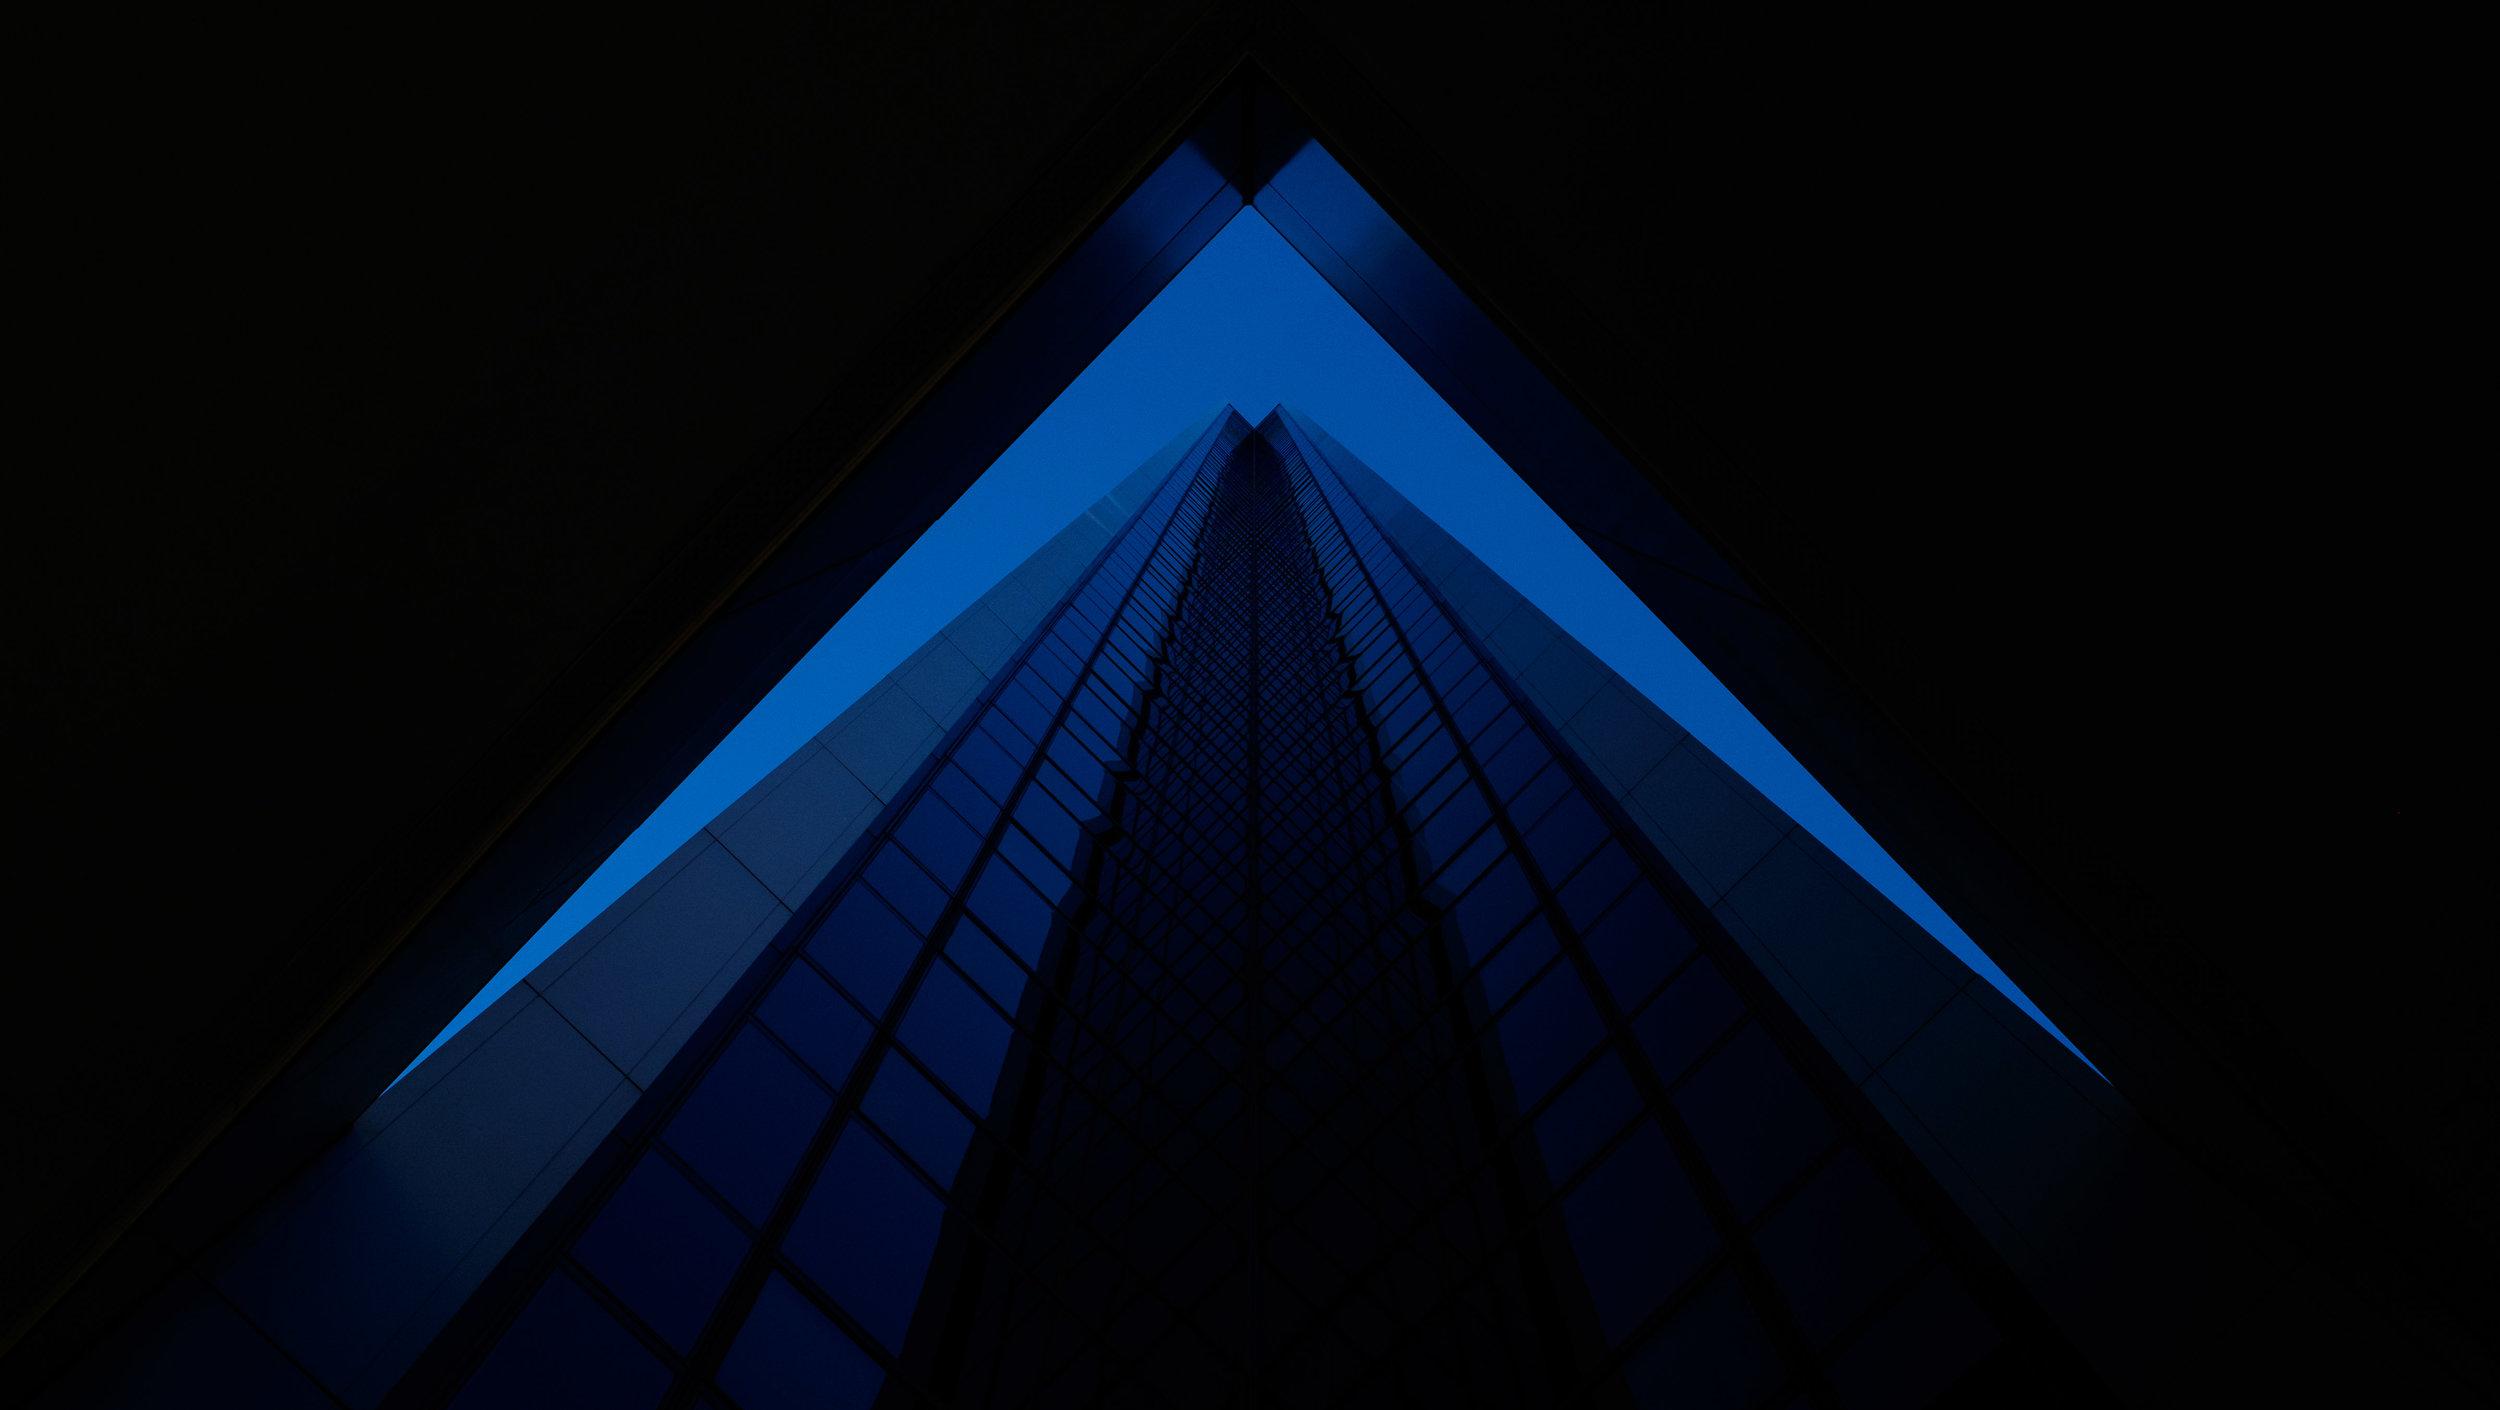 bmo-tower-toronto-001.jpg